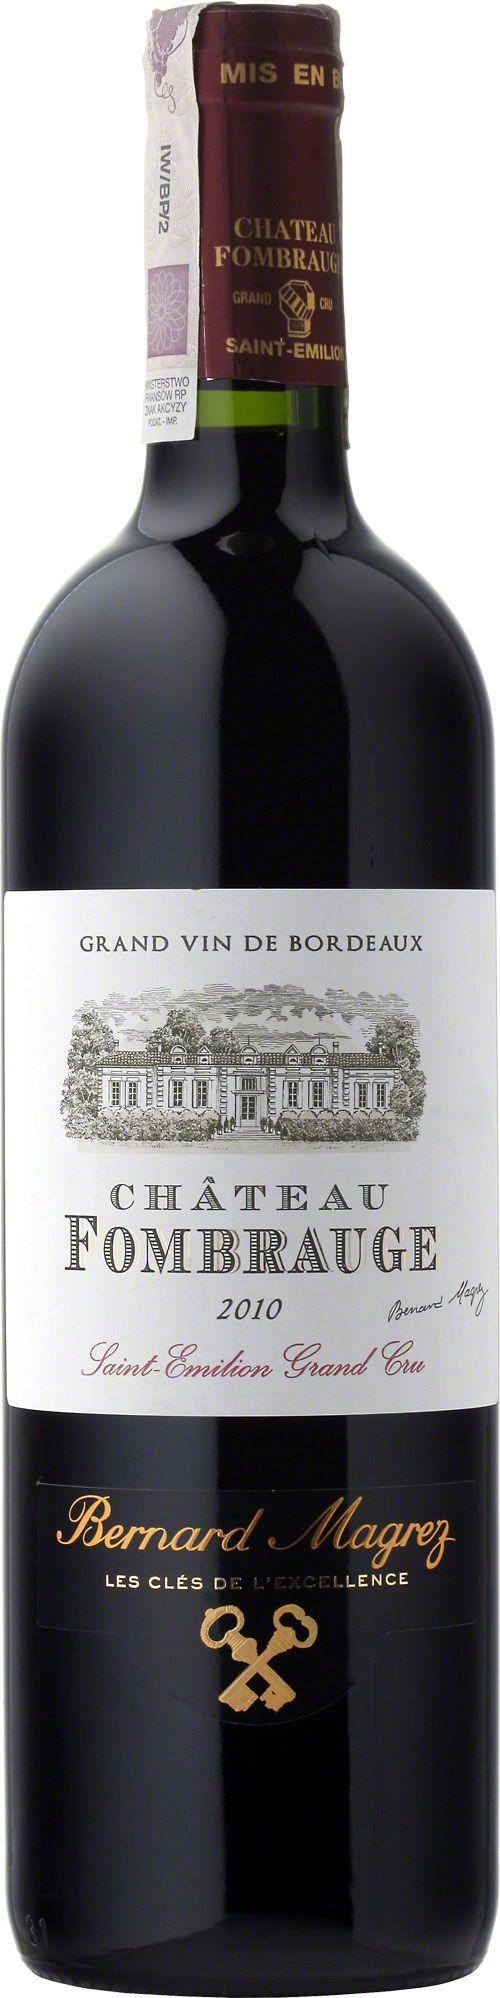 Chateau Fombrauge G.C.C. Saint-Emilion Głęboka, lśniąca, rubinowo-purpurowa suknia, bogate nuty konfitury z czarnych porzeczek i wiśni, czekolady, likworu i wanilii. Wino solidnie zbudowane, dobrze zrównoważone o gładkich taninach. #Wino #Bordeaux #Winezja #Saint-Emilion